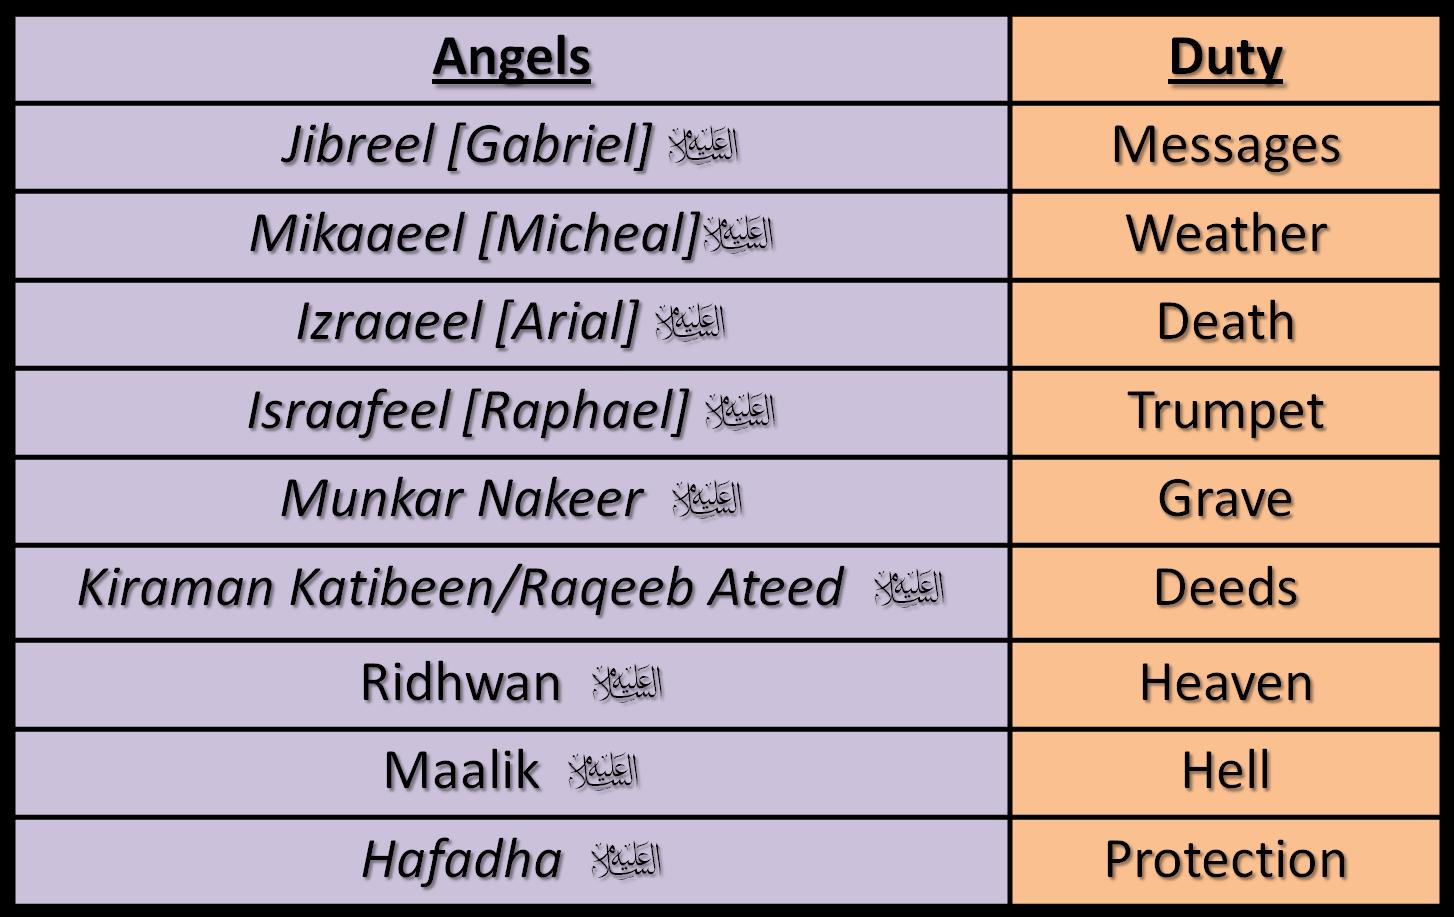 Angelic Activity